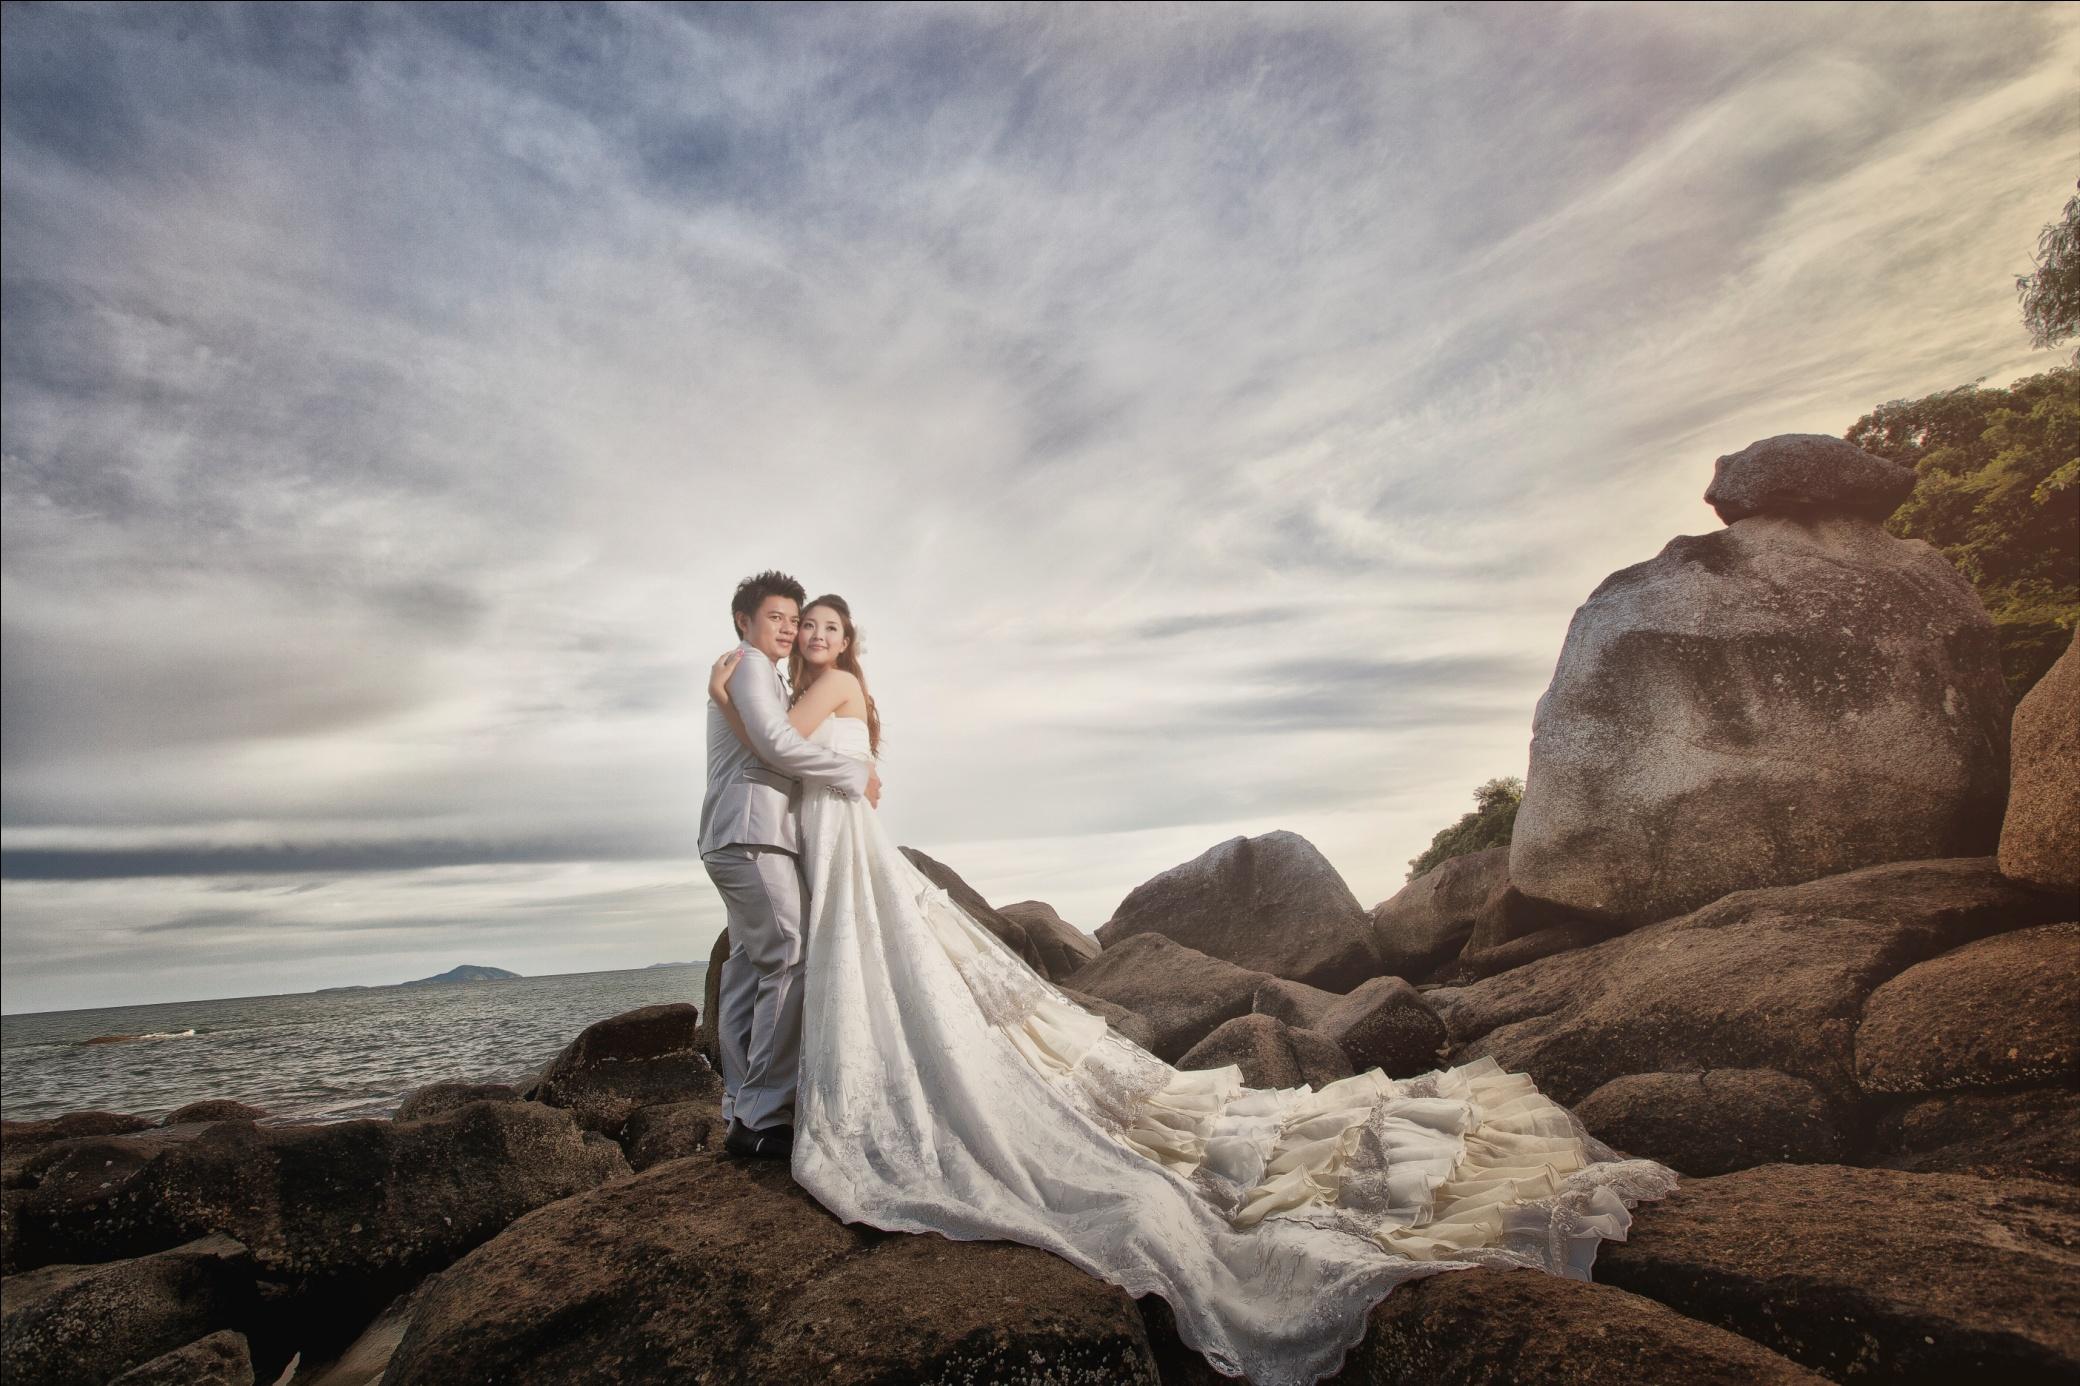 海外婚纱摄影--普吉岛婚纱摄影--北京爱尚婚庆礼仪